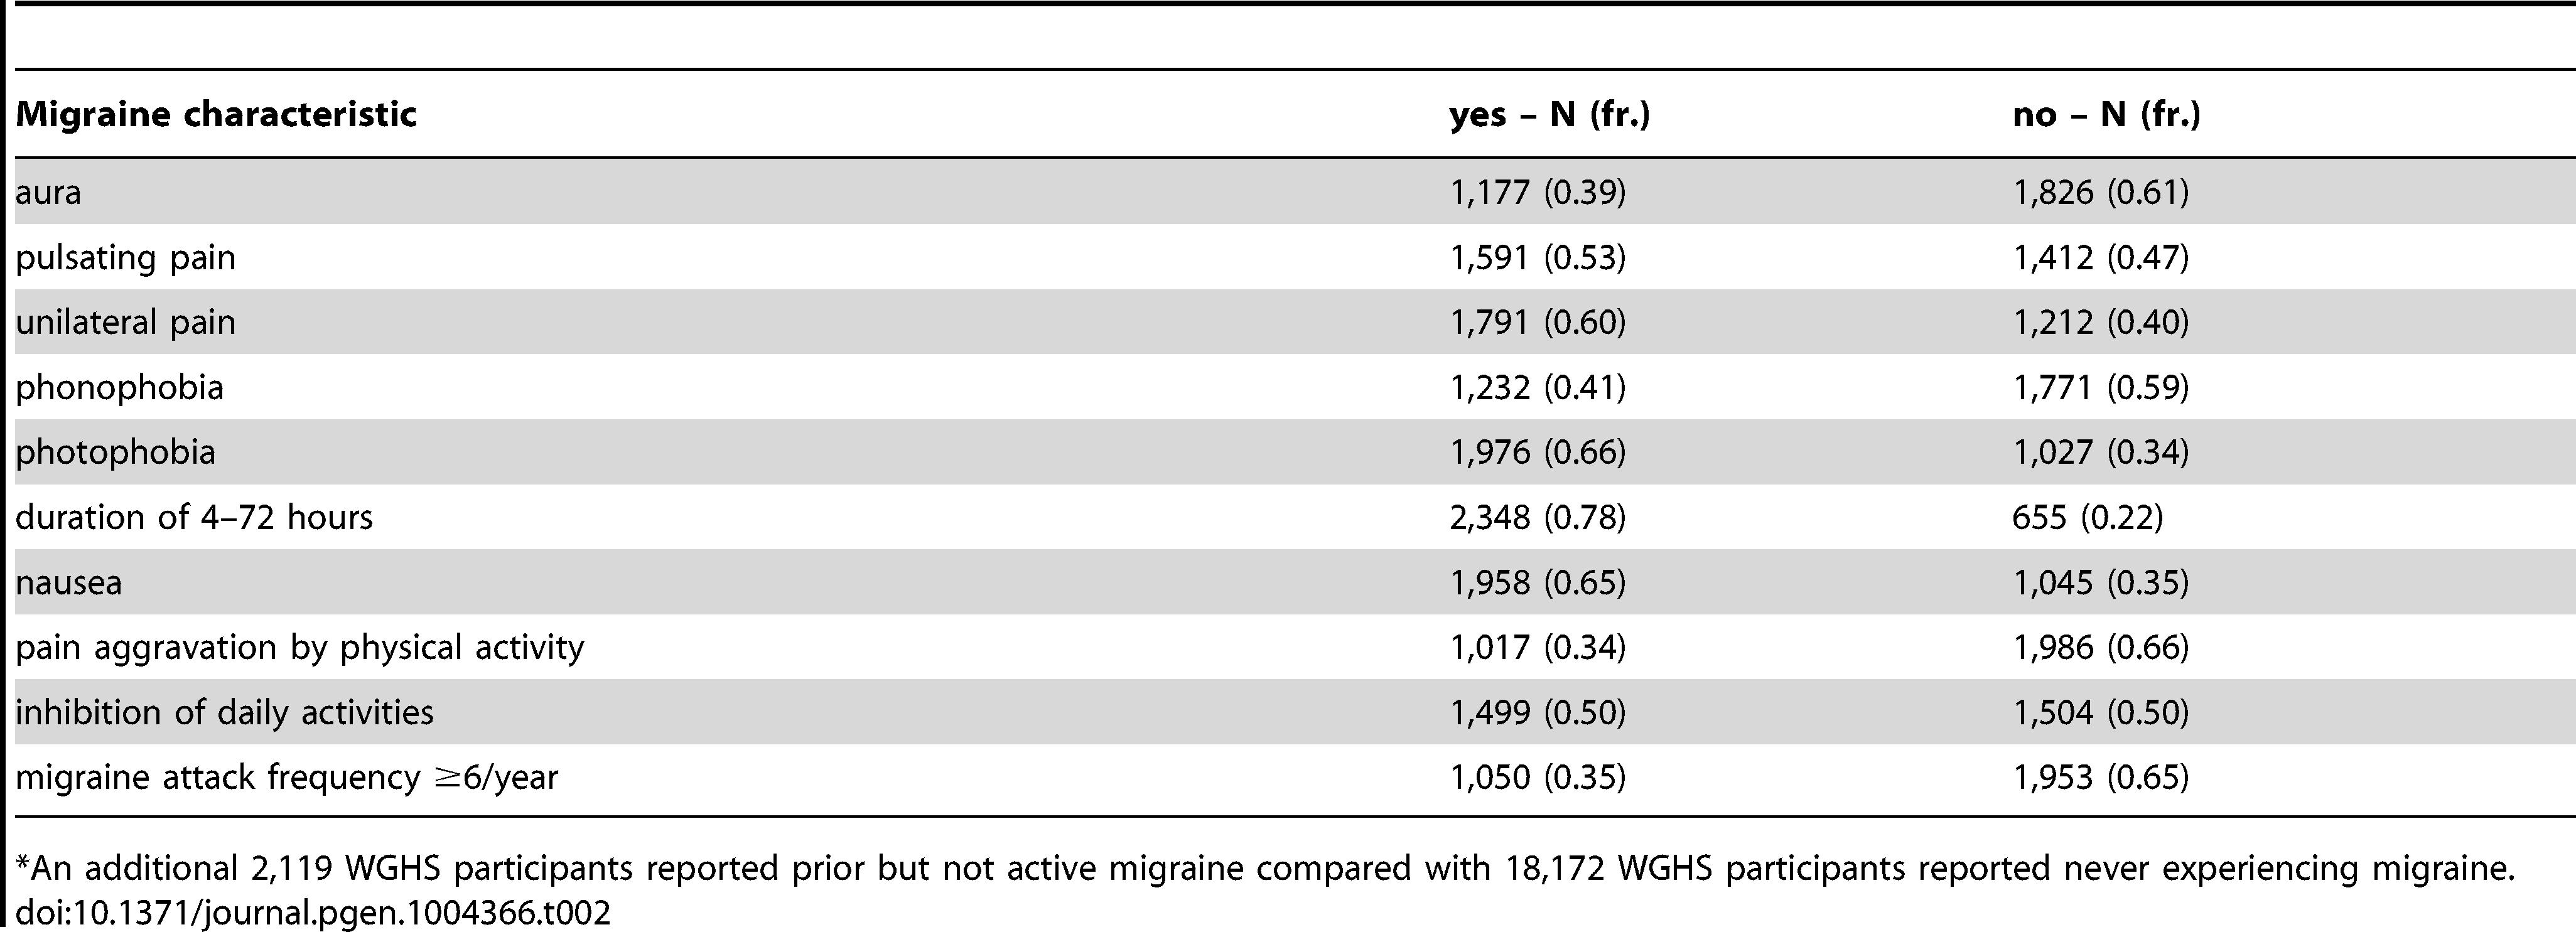 WGHS active migraineurs (N=3,003<em class=&quot;ref&quot;>*</em>) with aura or migraine characteristic.